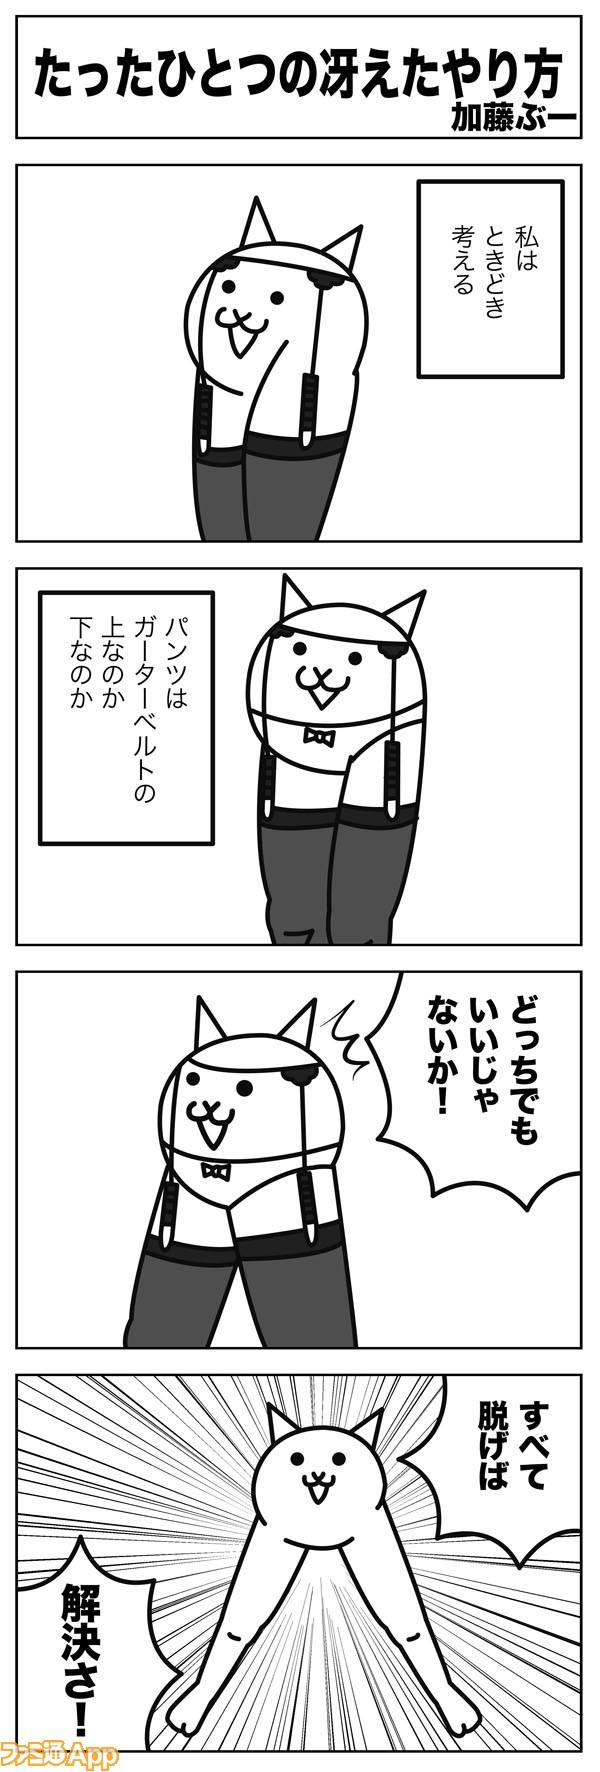 04kato-83